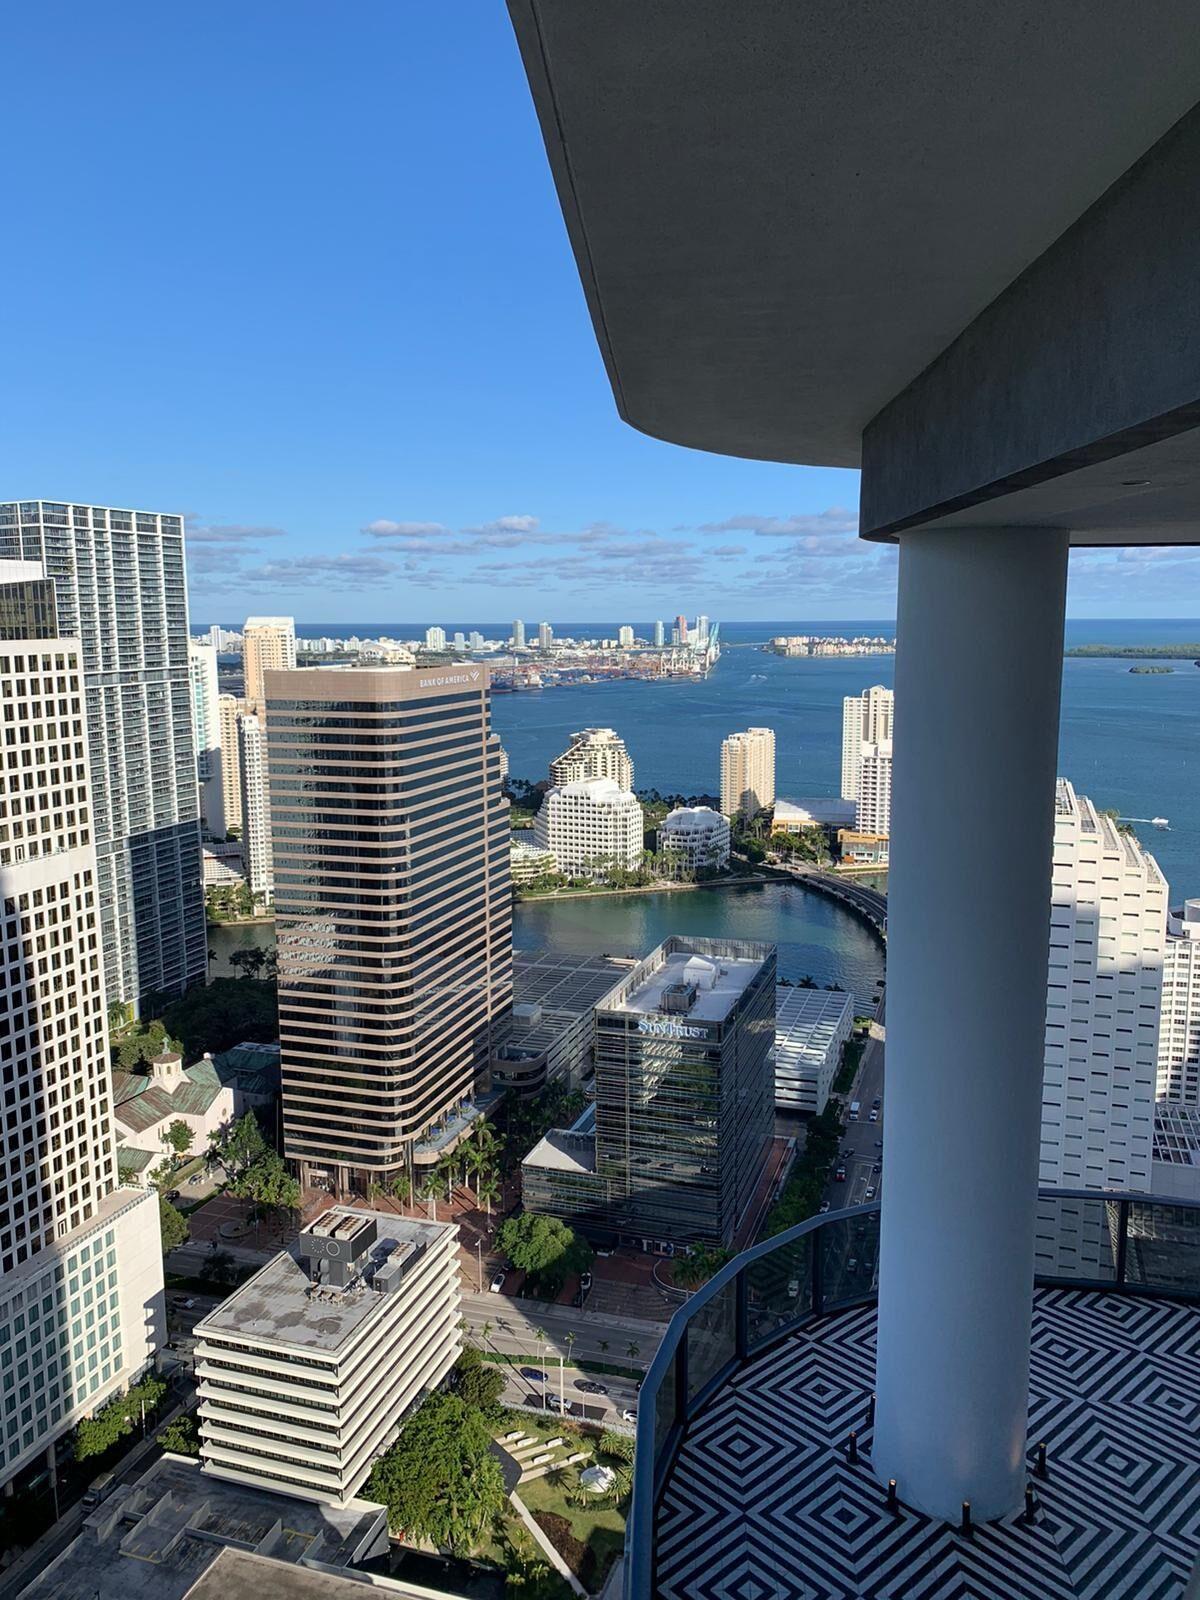 SLS LUX Brickell!! 801 S Miami Ave. 1 bedroom + den, 2 full bathrooms.